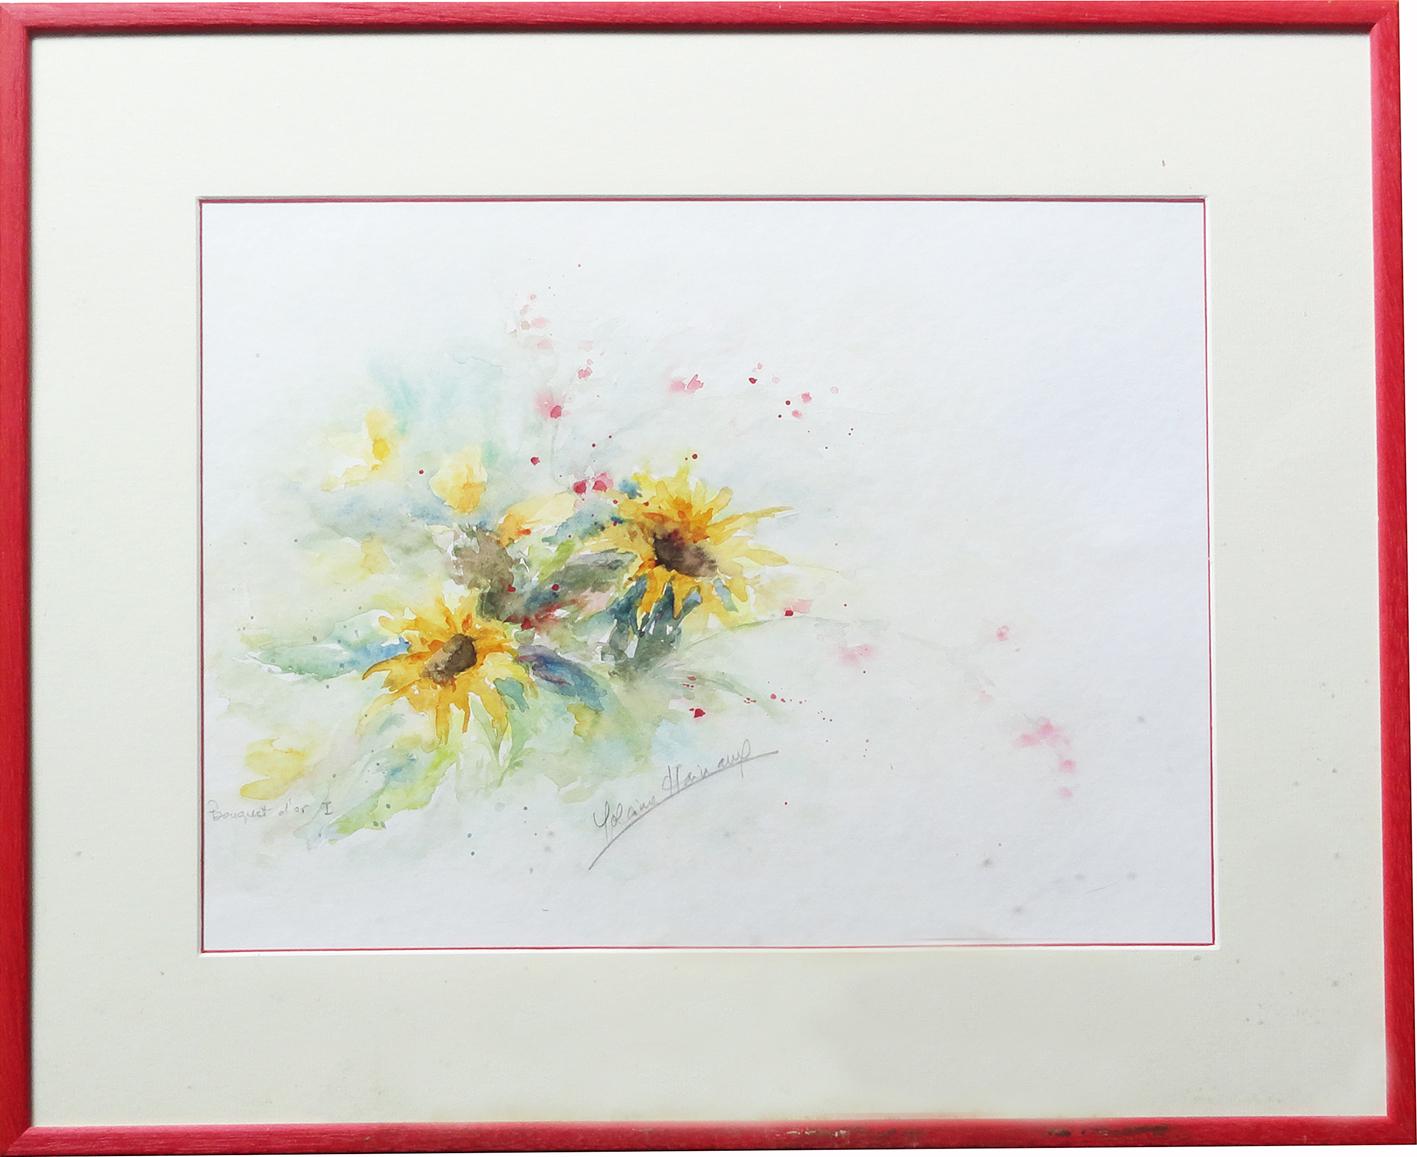 aquarelles_yolaine_hainaux_paint (65)